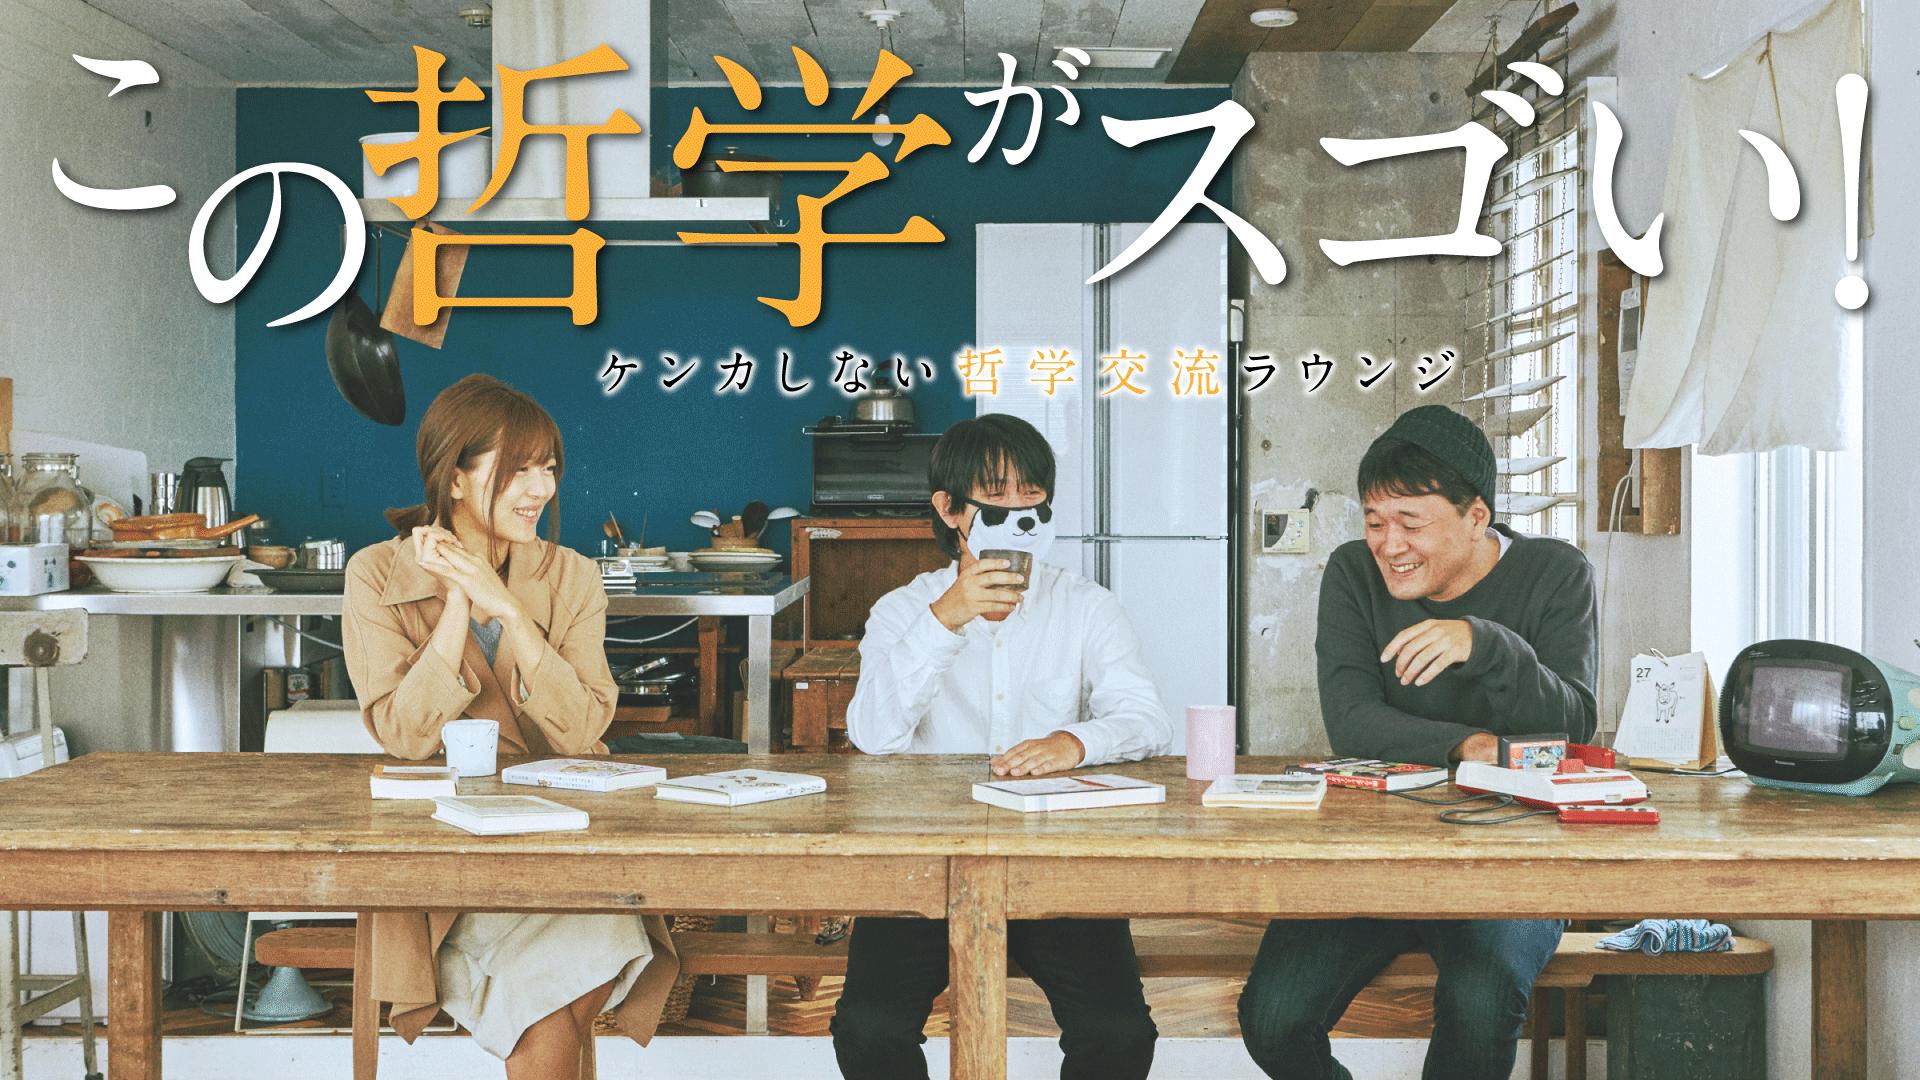 原田まりる・飲茶 - この哲学がスゴい!~ケンカしない哲学交流ラウンジ~ - DMM オンラインサロン